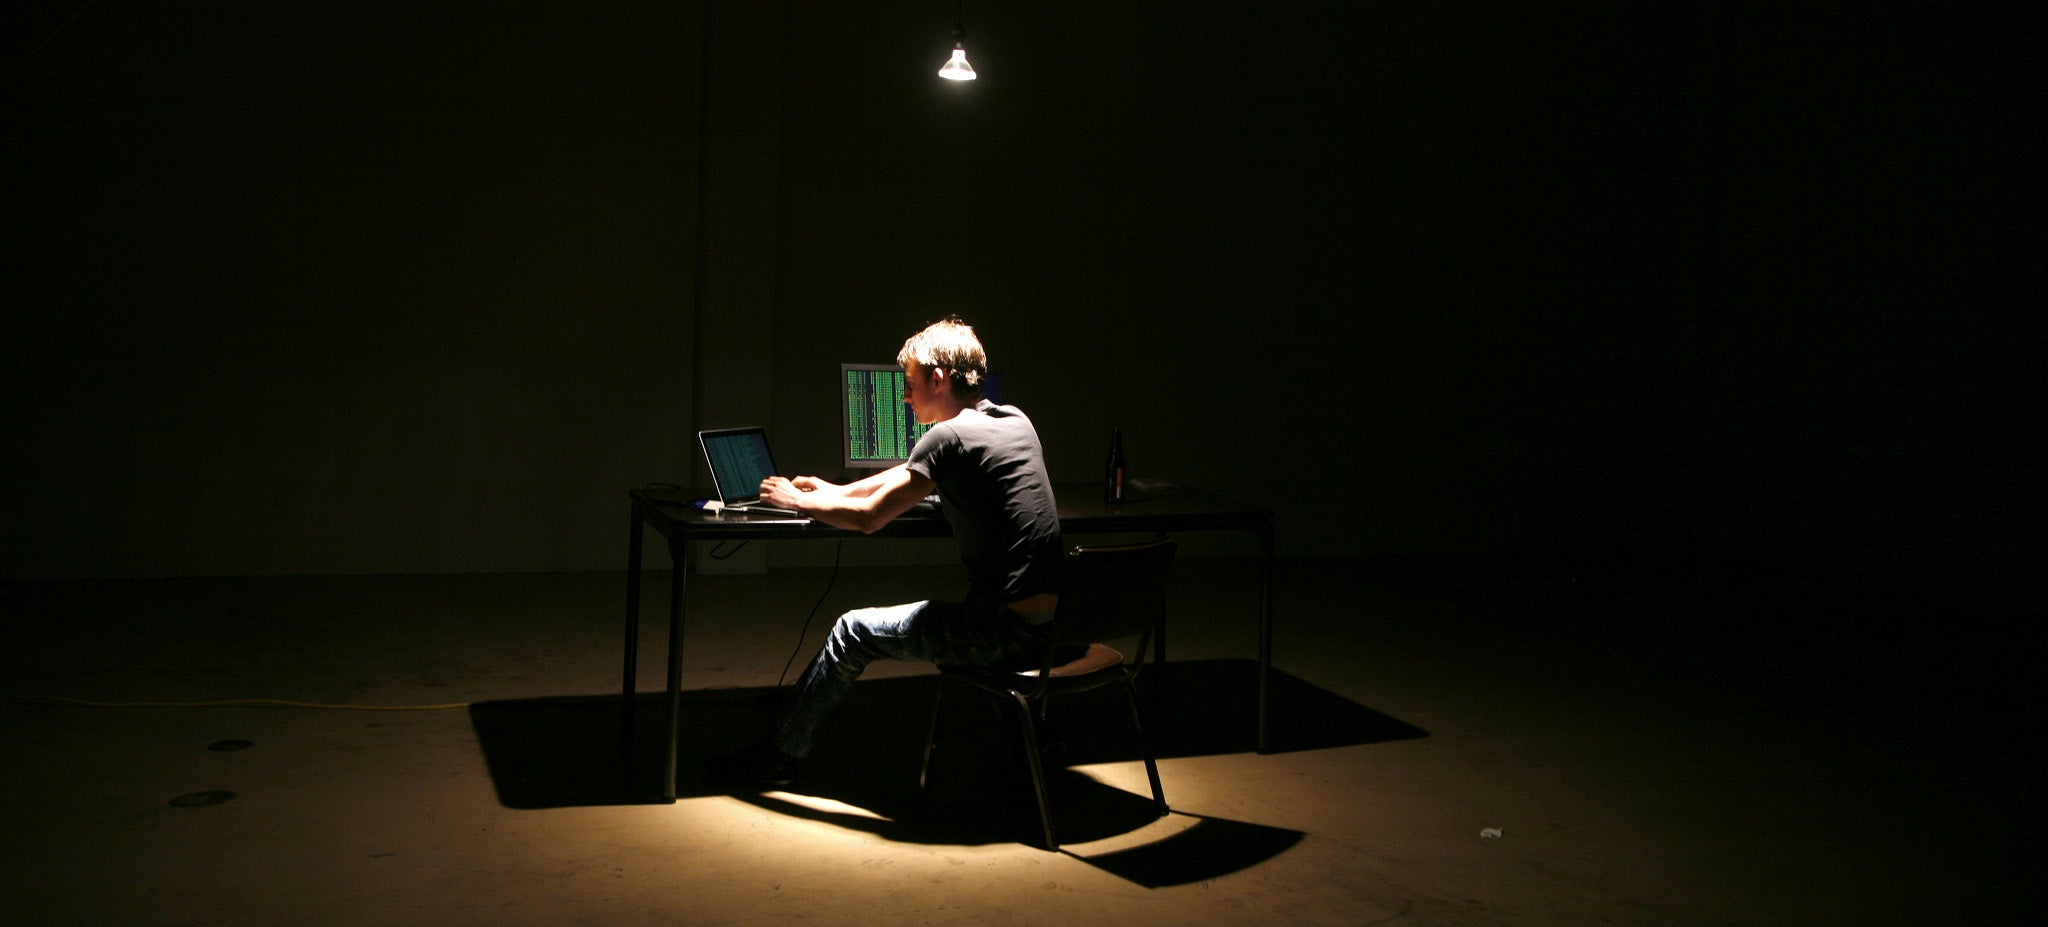 MIT's AI Can Predict 85 Per Cent Of Cyberattacks